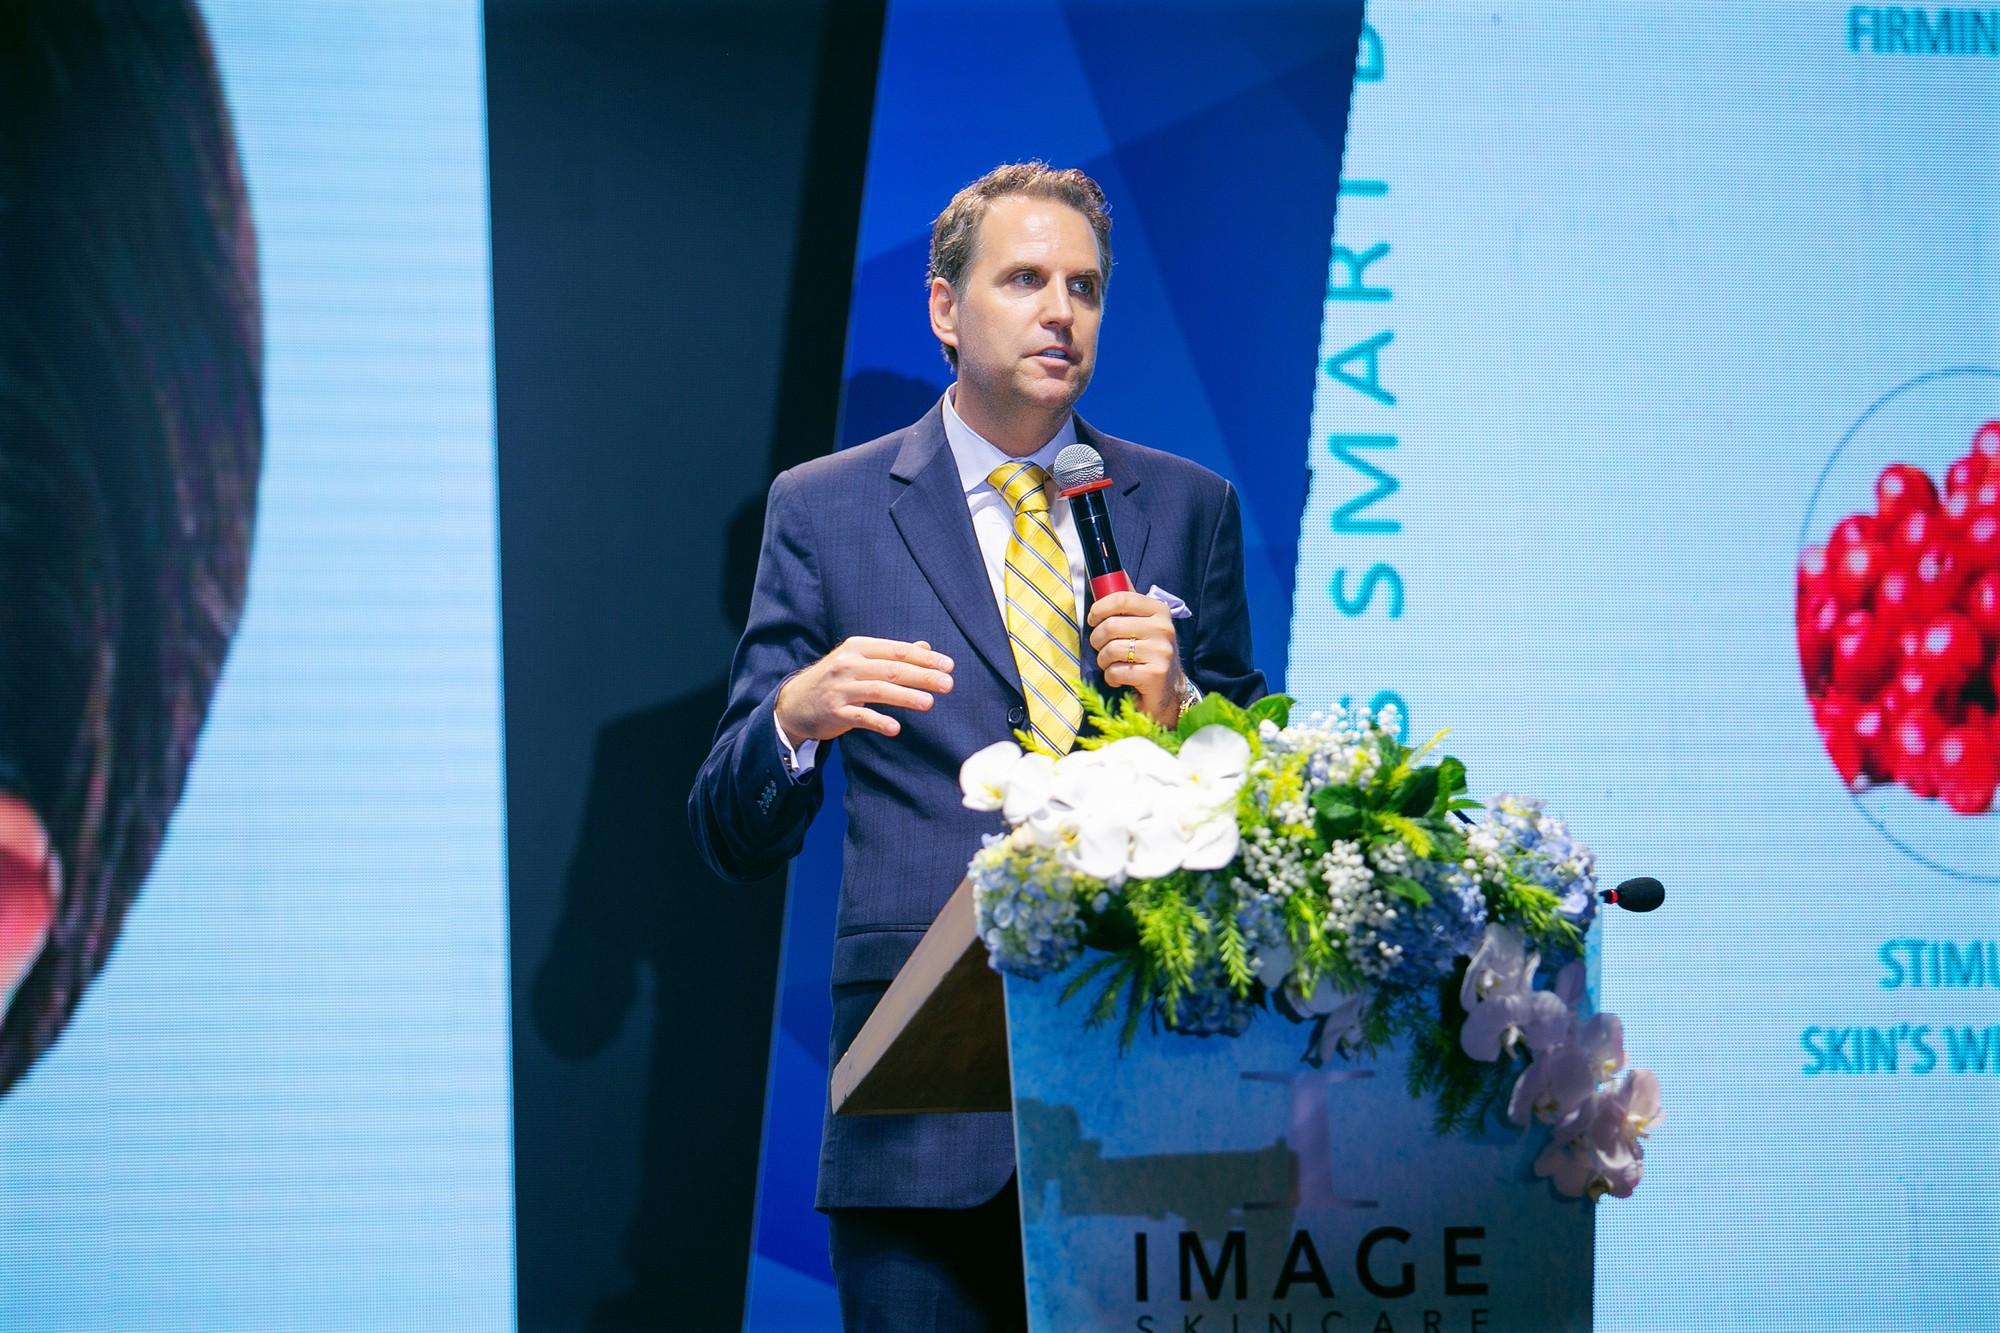 Hội nghị quốc tế IMAGEskincare lần thứ 12 Recover Your Beauty chuyên đề nám - Ảnh 4.